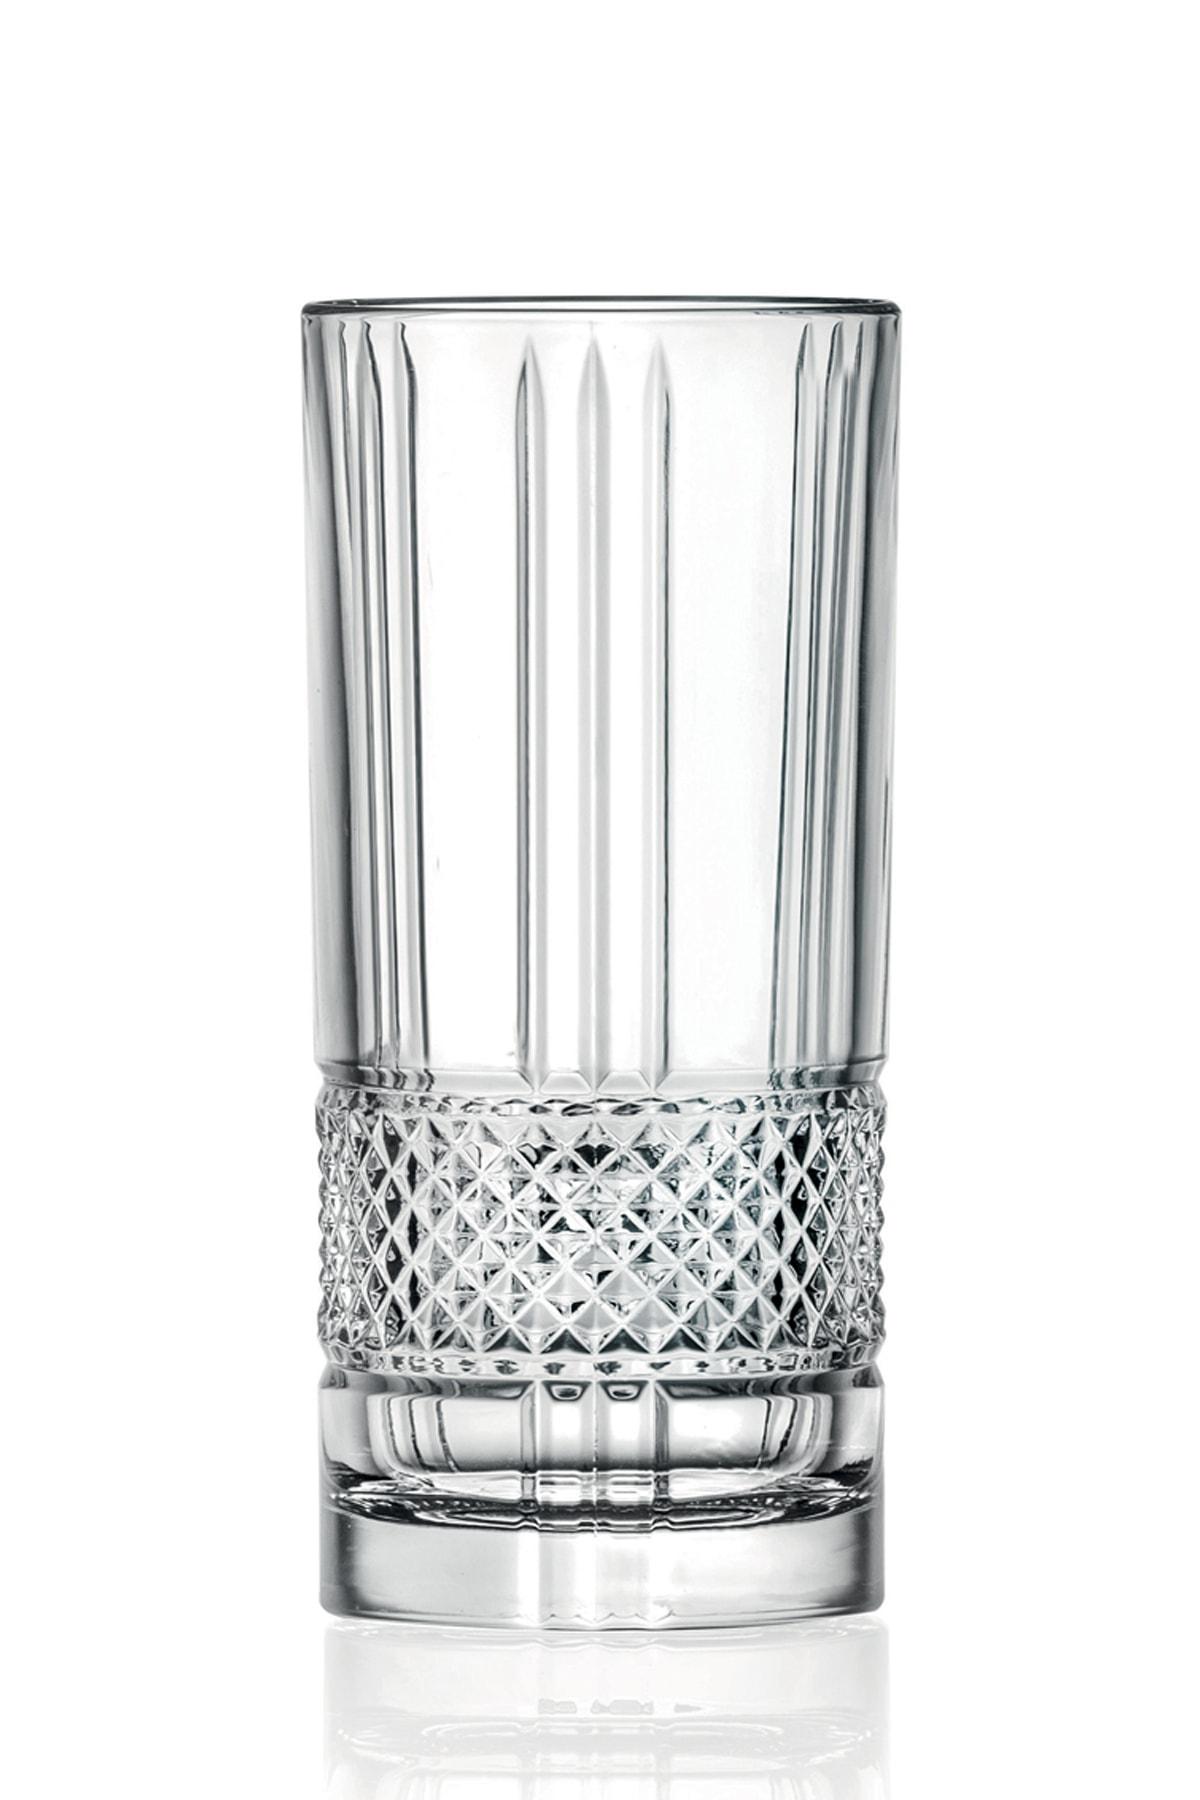 Rcr Brillante Long Drink Meşrubat Bardağı 370 Ml - 6'lı